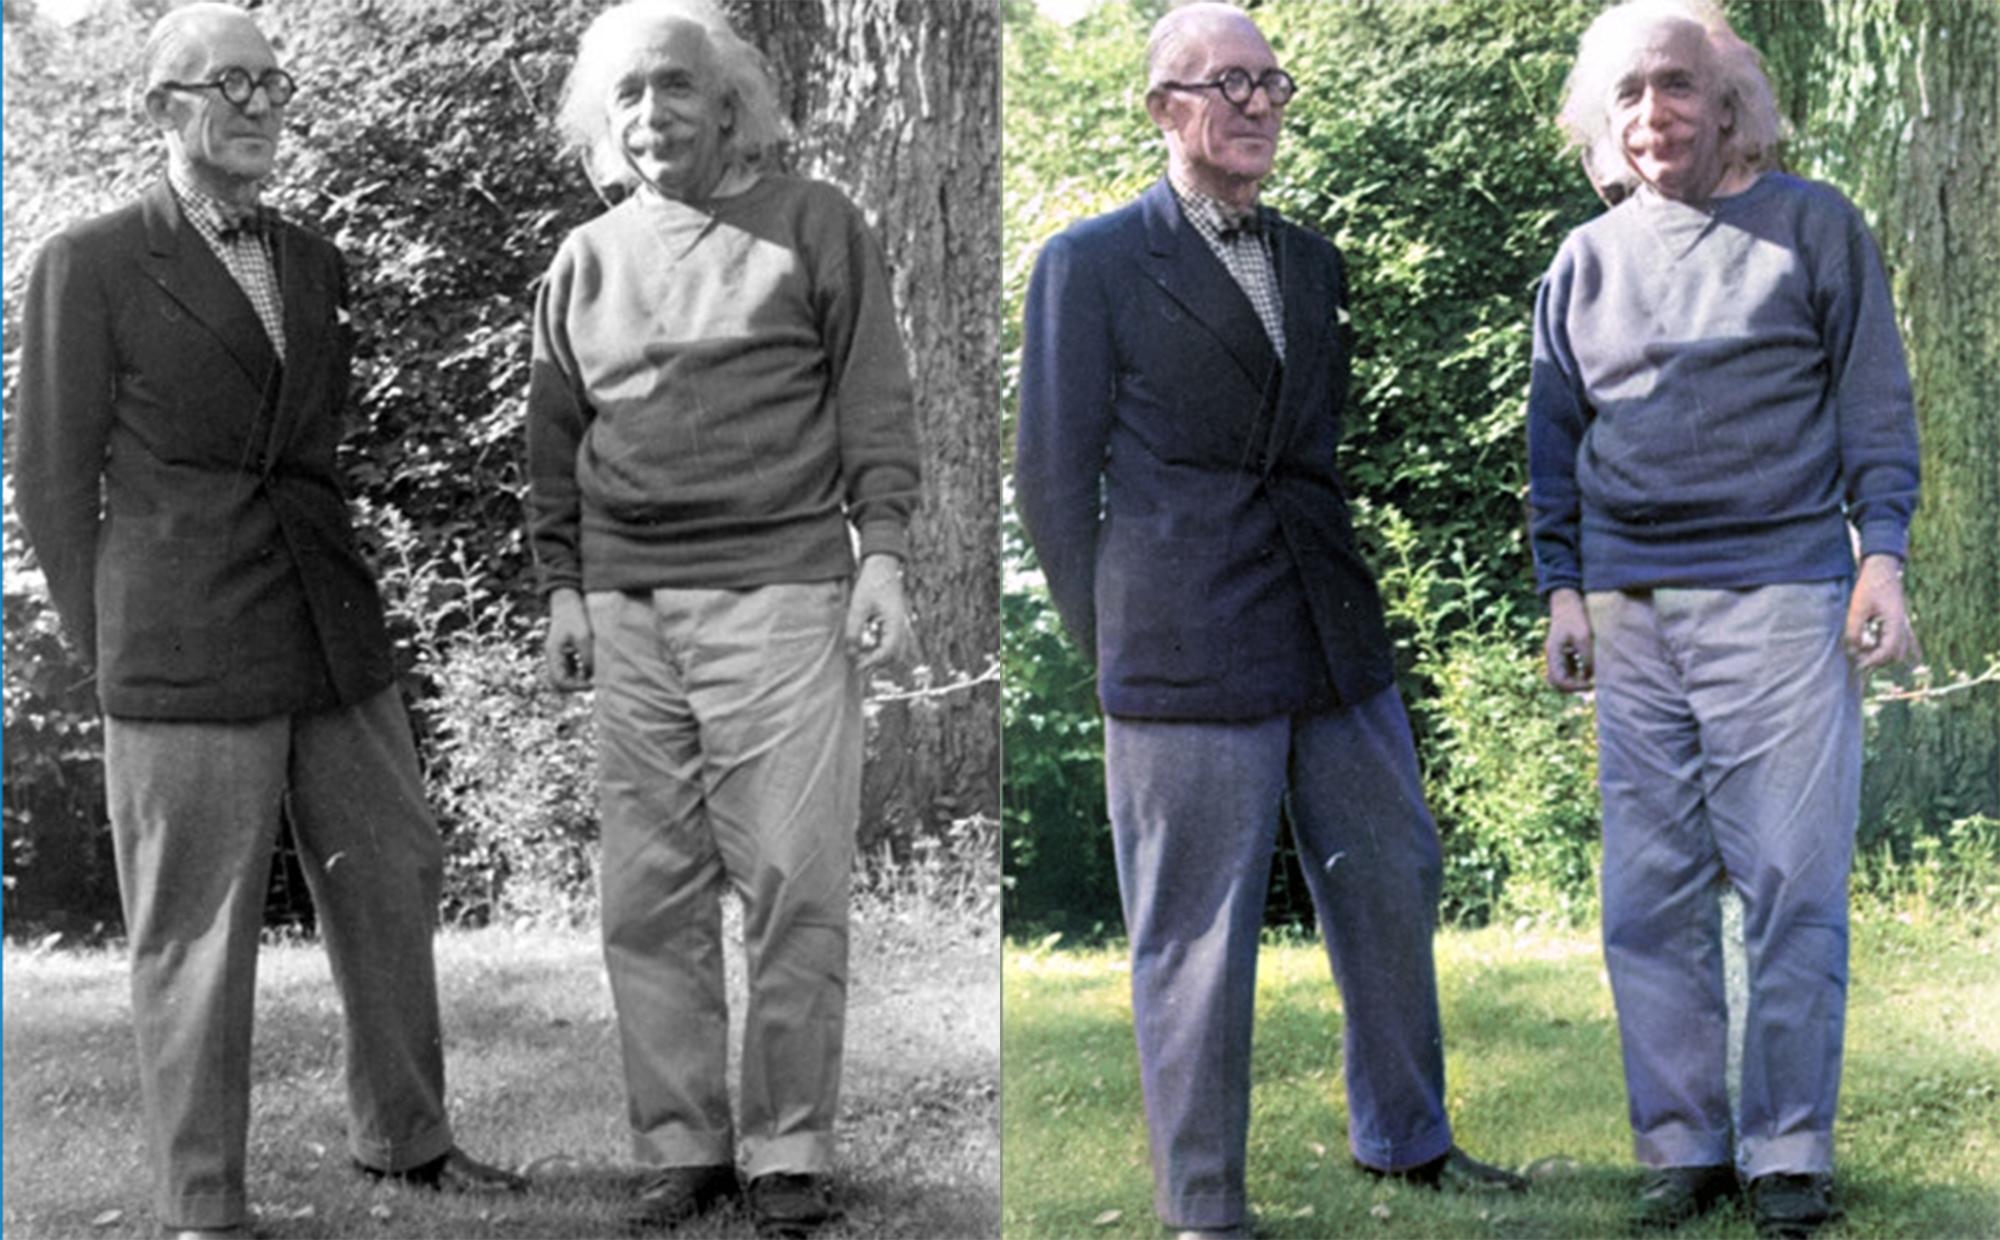 bức ảnh đen trắng quý hiếm giữa nhà bác học Albert Einsteinvà kiến trúc sư Le Corbusier